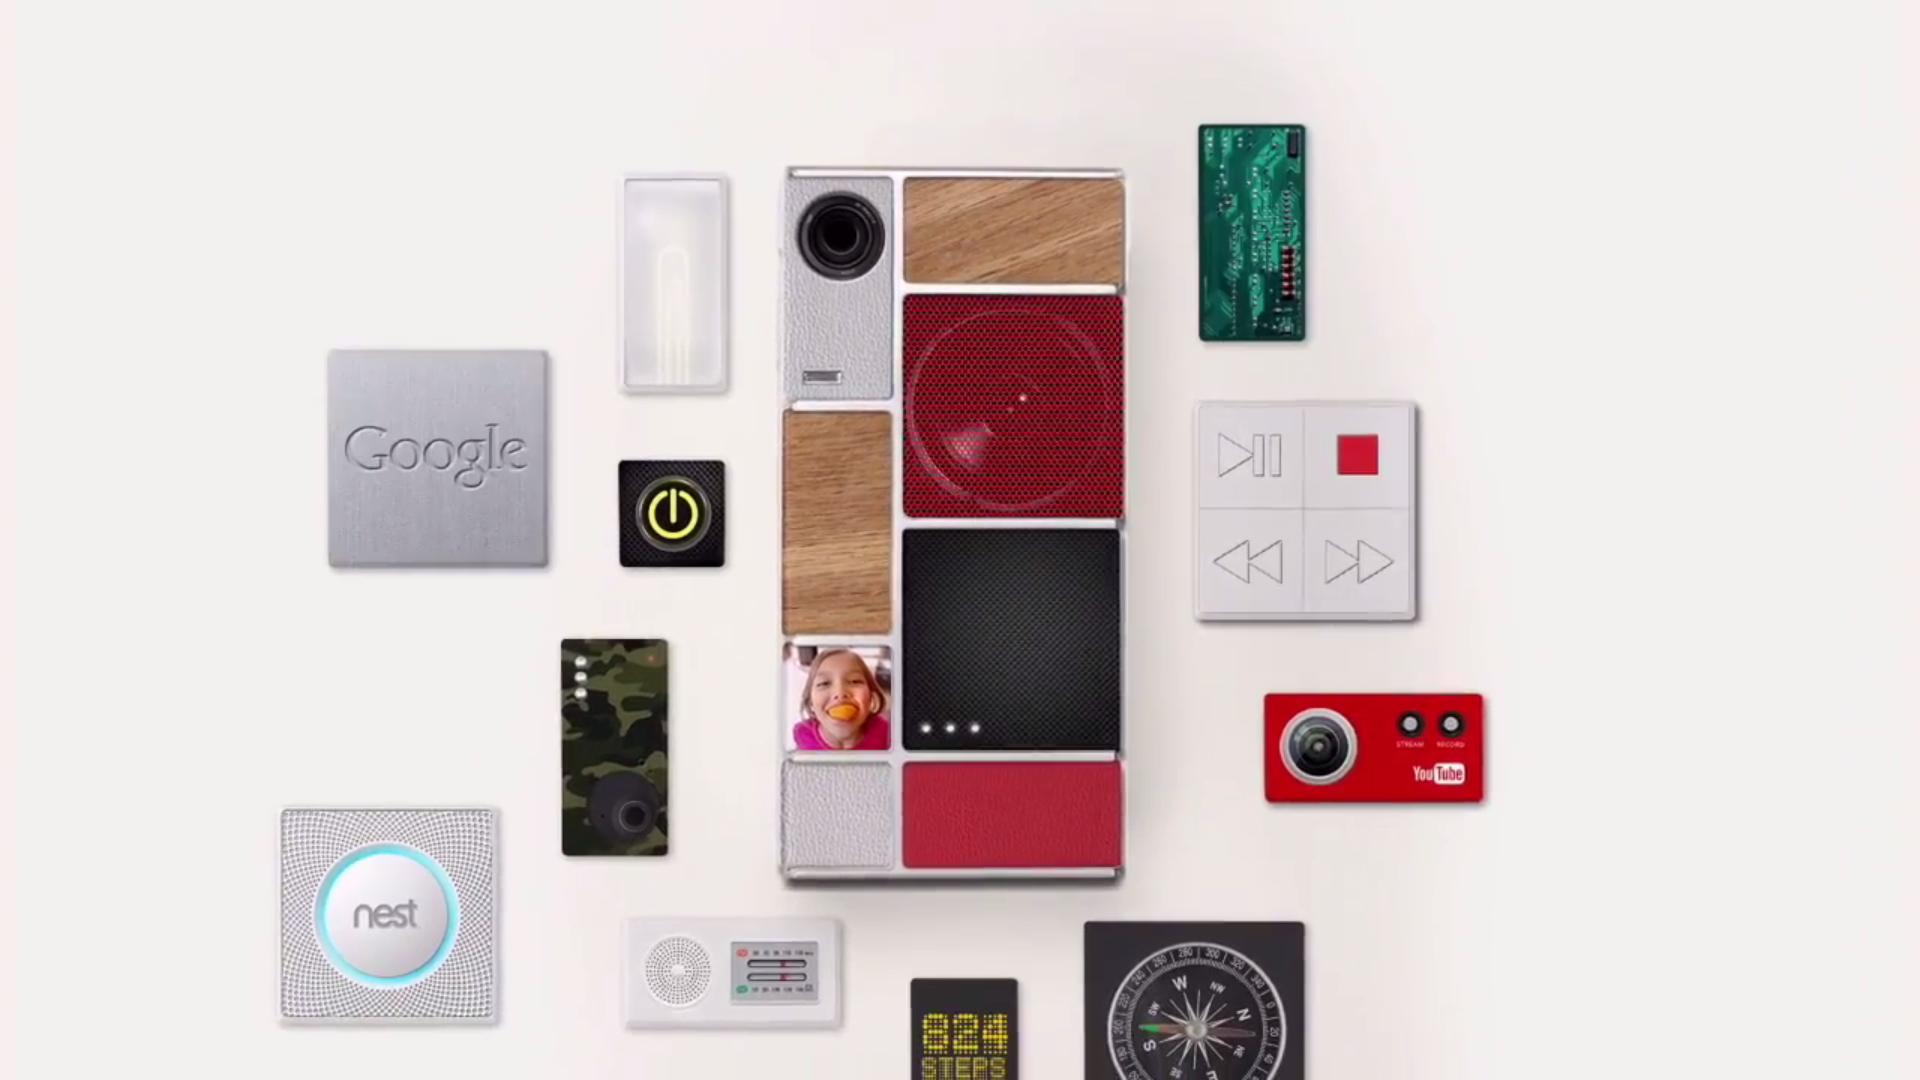 想像中的未來智慧型手機 你到底還需要什麼功能?